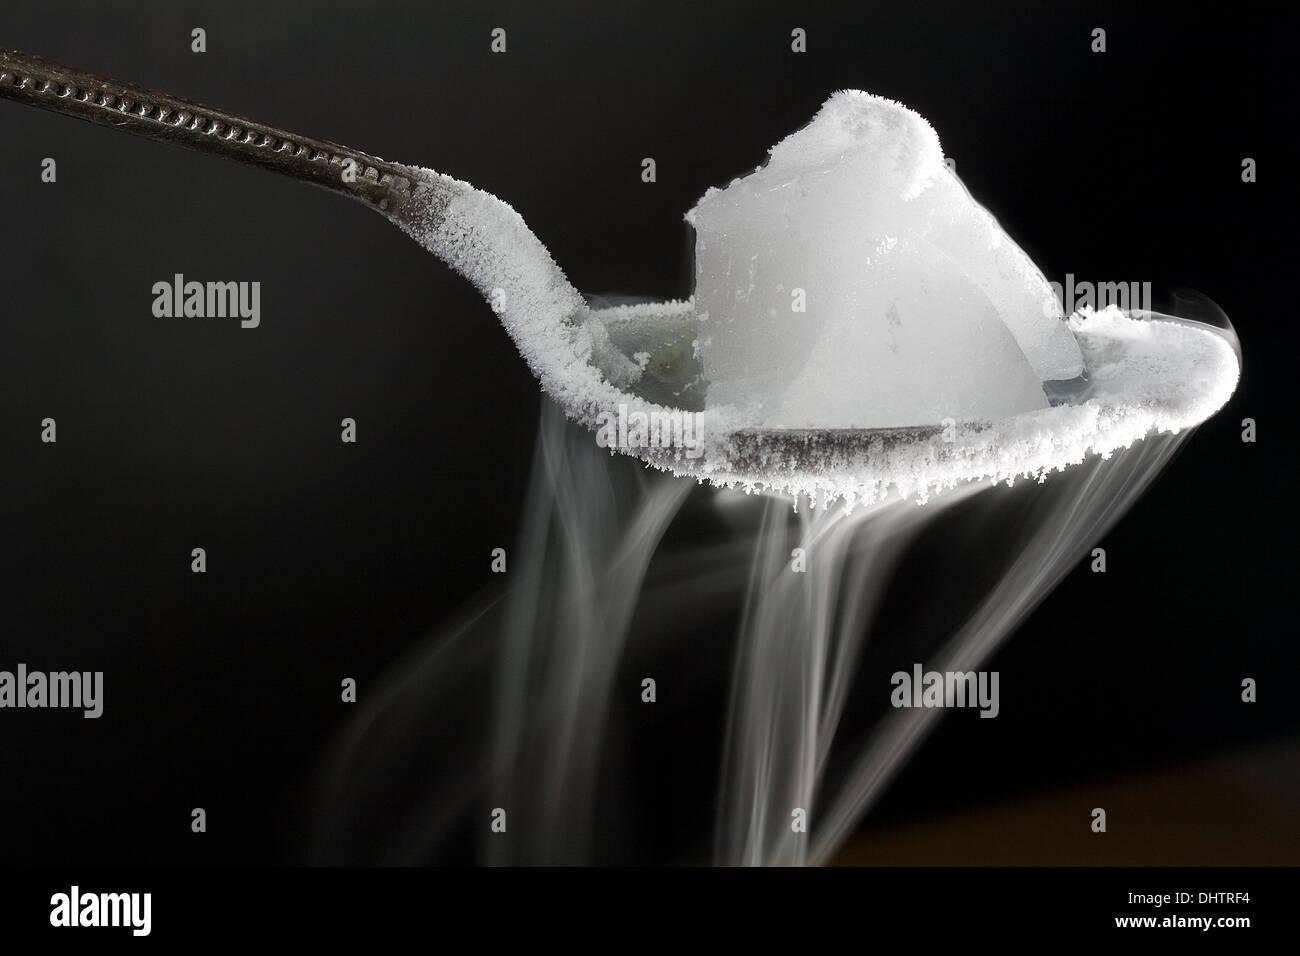 Trozo de hielo seco (dióxido de carbono congelado) en una cuchara de metal. También muestra el agua formando cristales de hielo sobre la cuchara Imagen De Stock